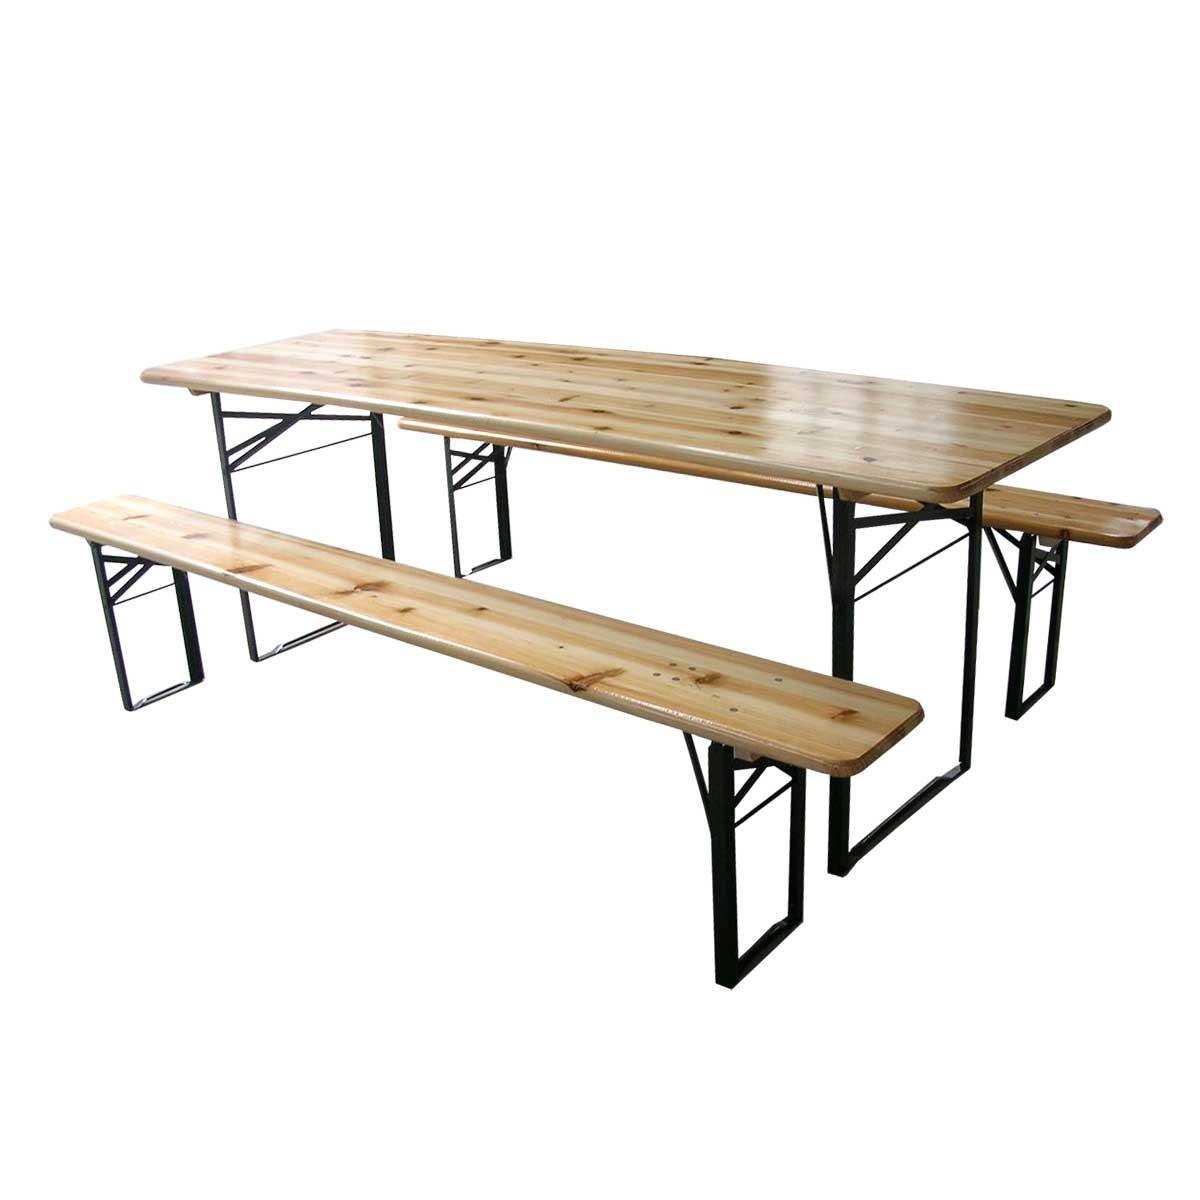 Table Et 2 Bancs Pliants Bois 10 Places 220 Cm